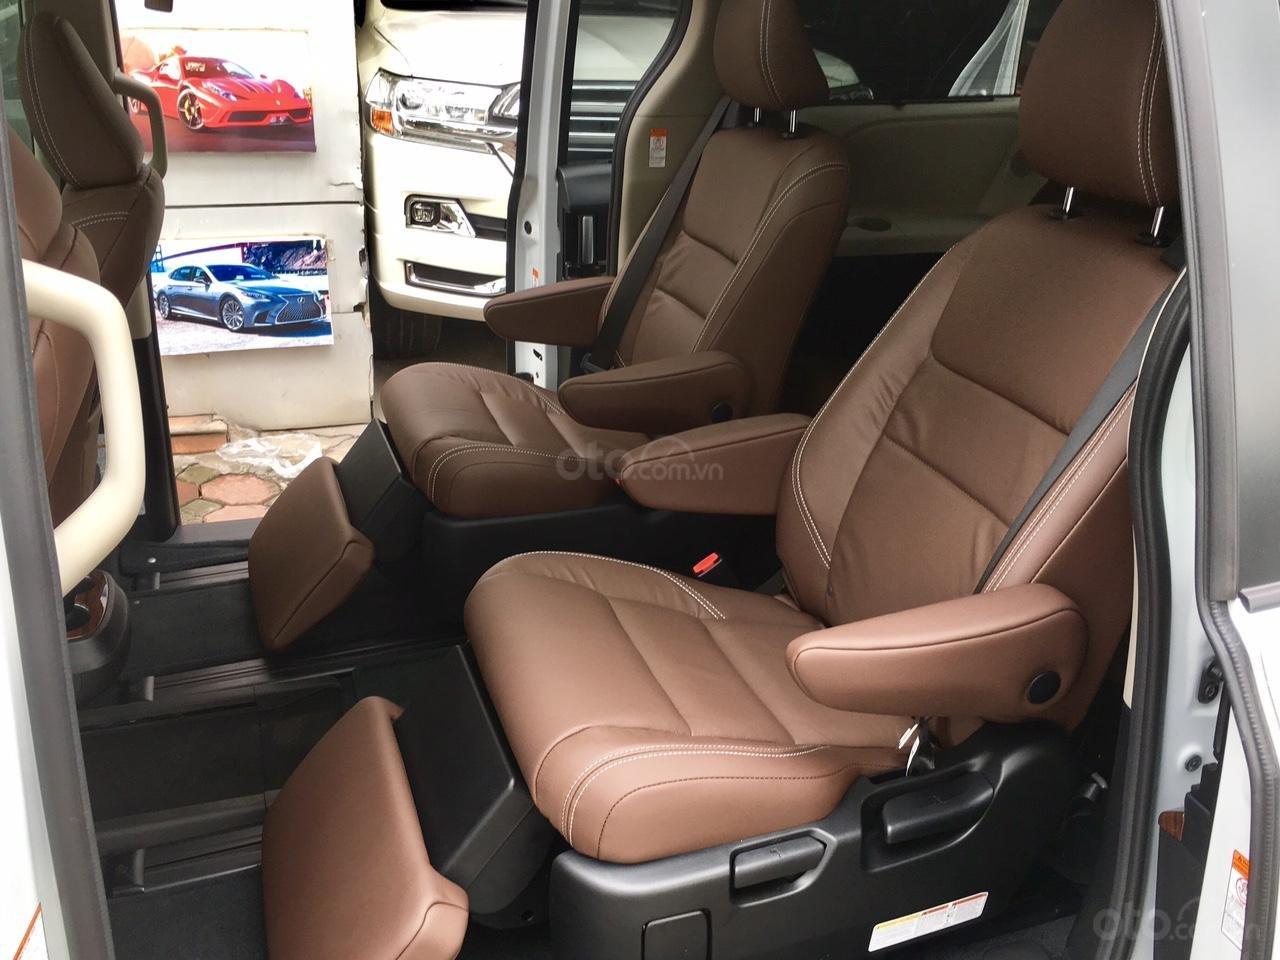 Bán Toyota Sienna Limited 1 cầu model 2020 giao ngay toàn quốc, giá tốt - LH 093.996.2368 Ms Ngọc Vy (22)